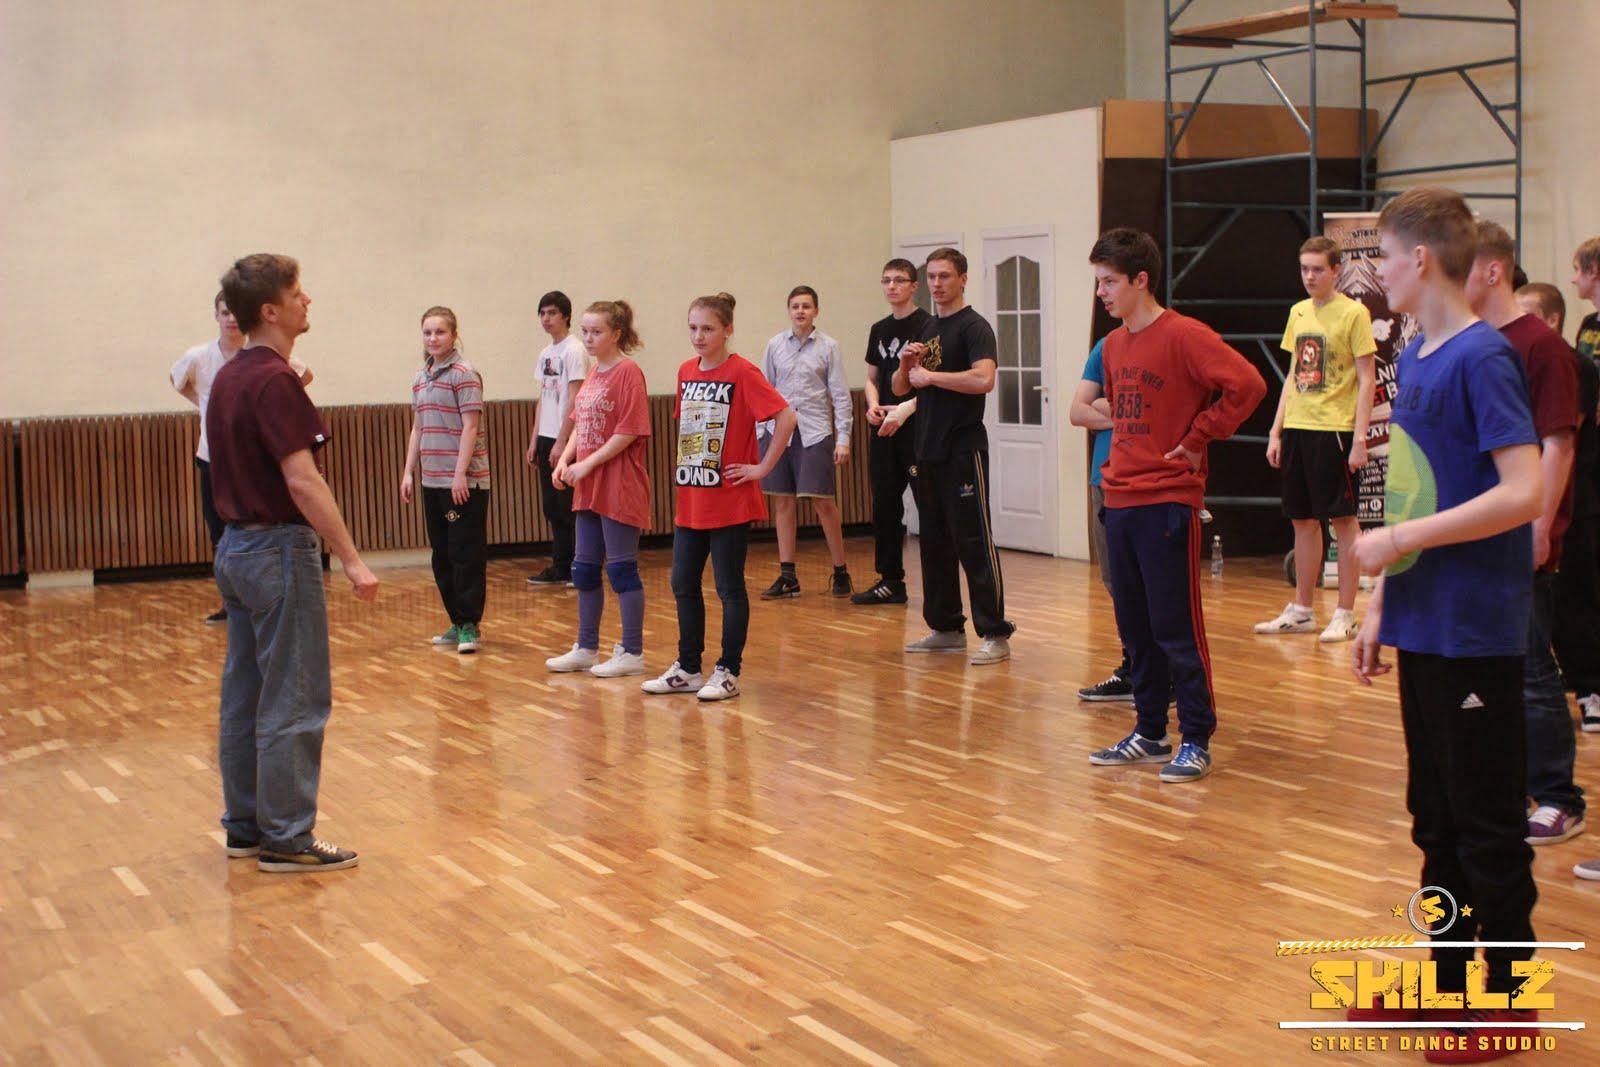 YAN (Russia) Bboying seminaras - IMG_0504.jpg